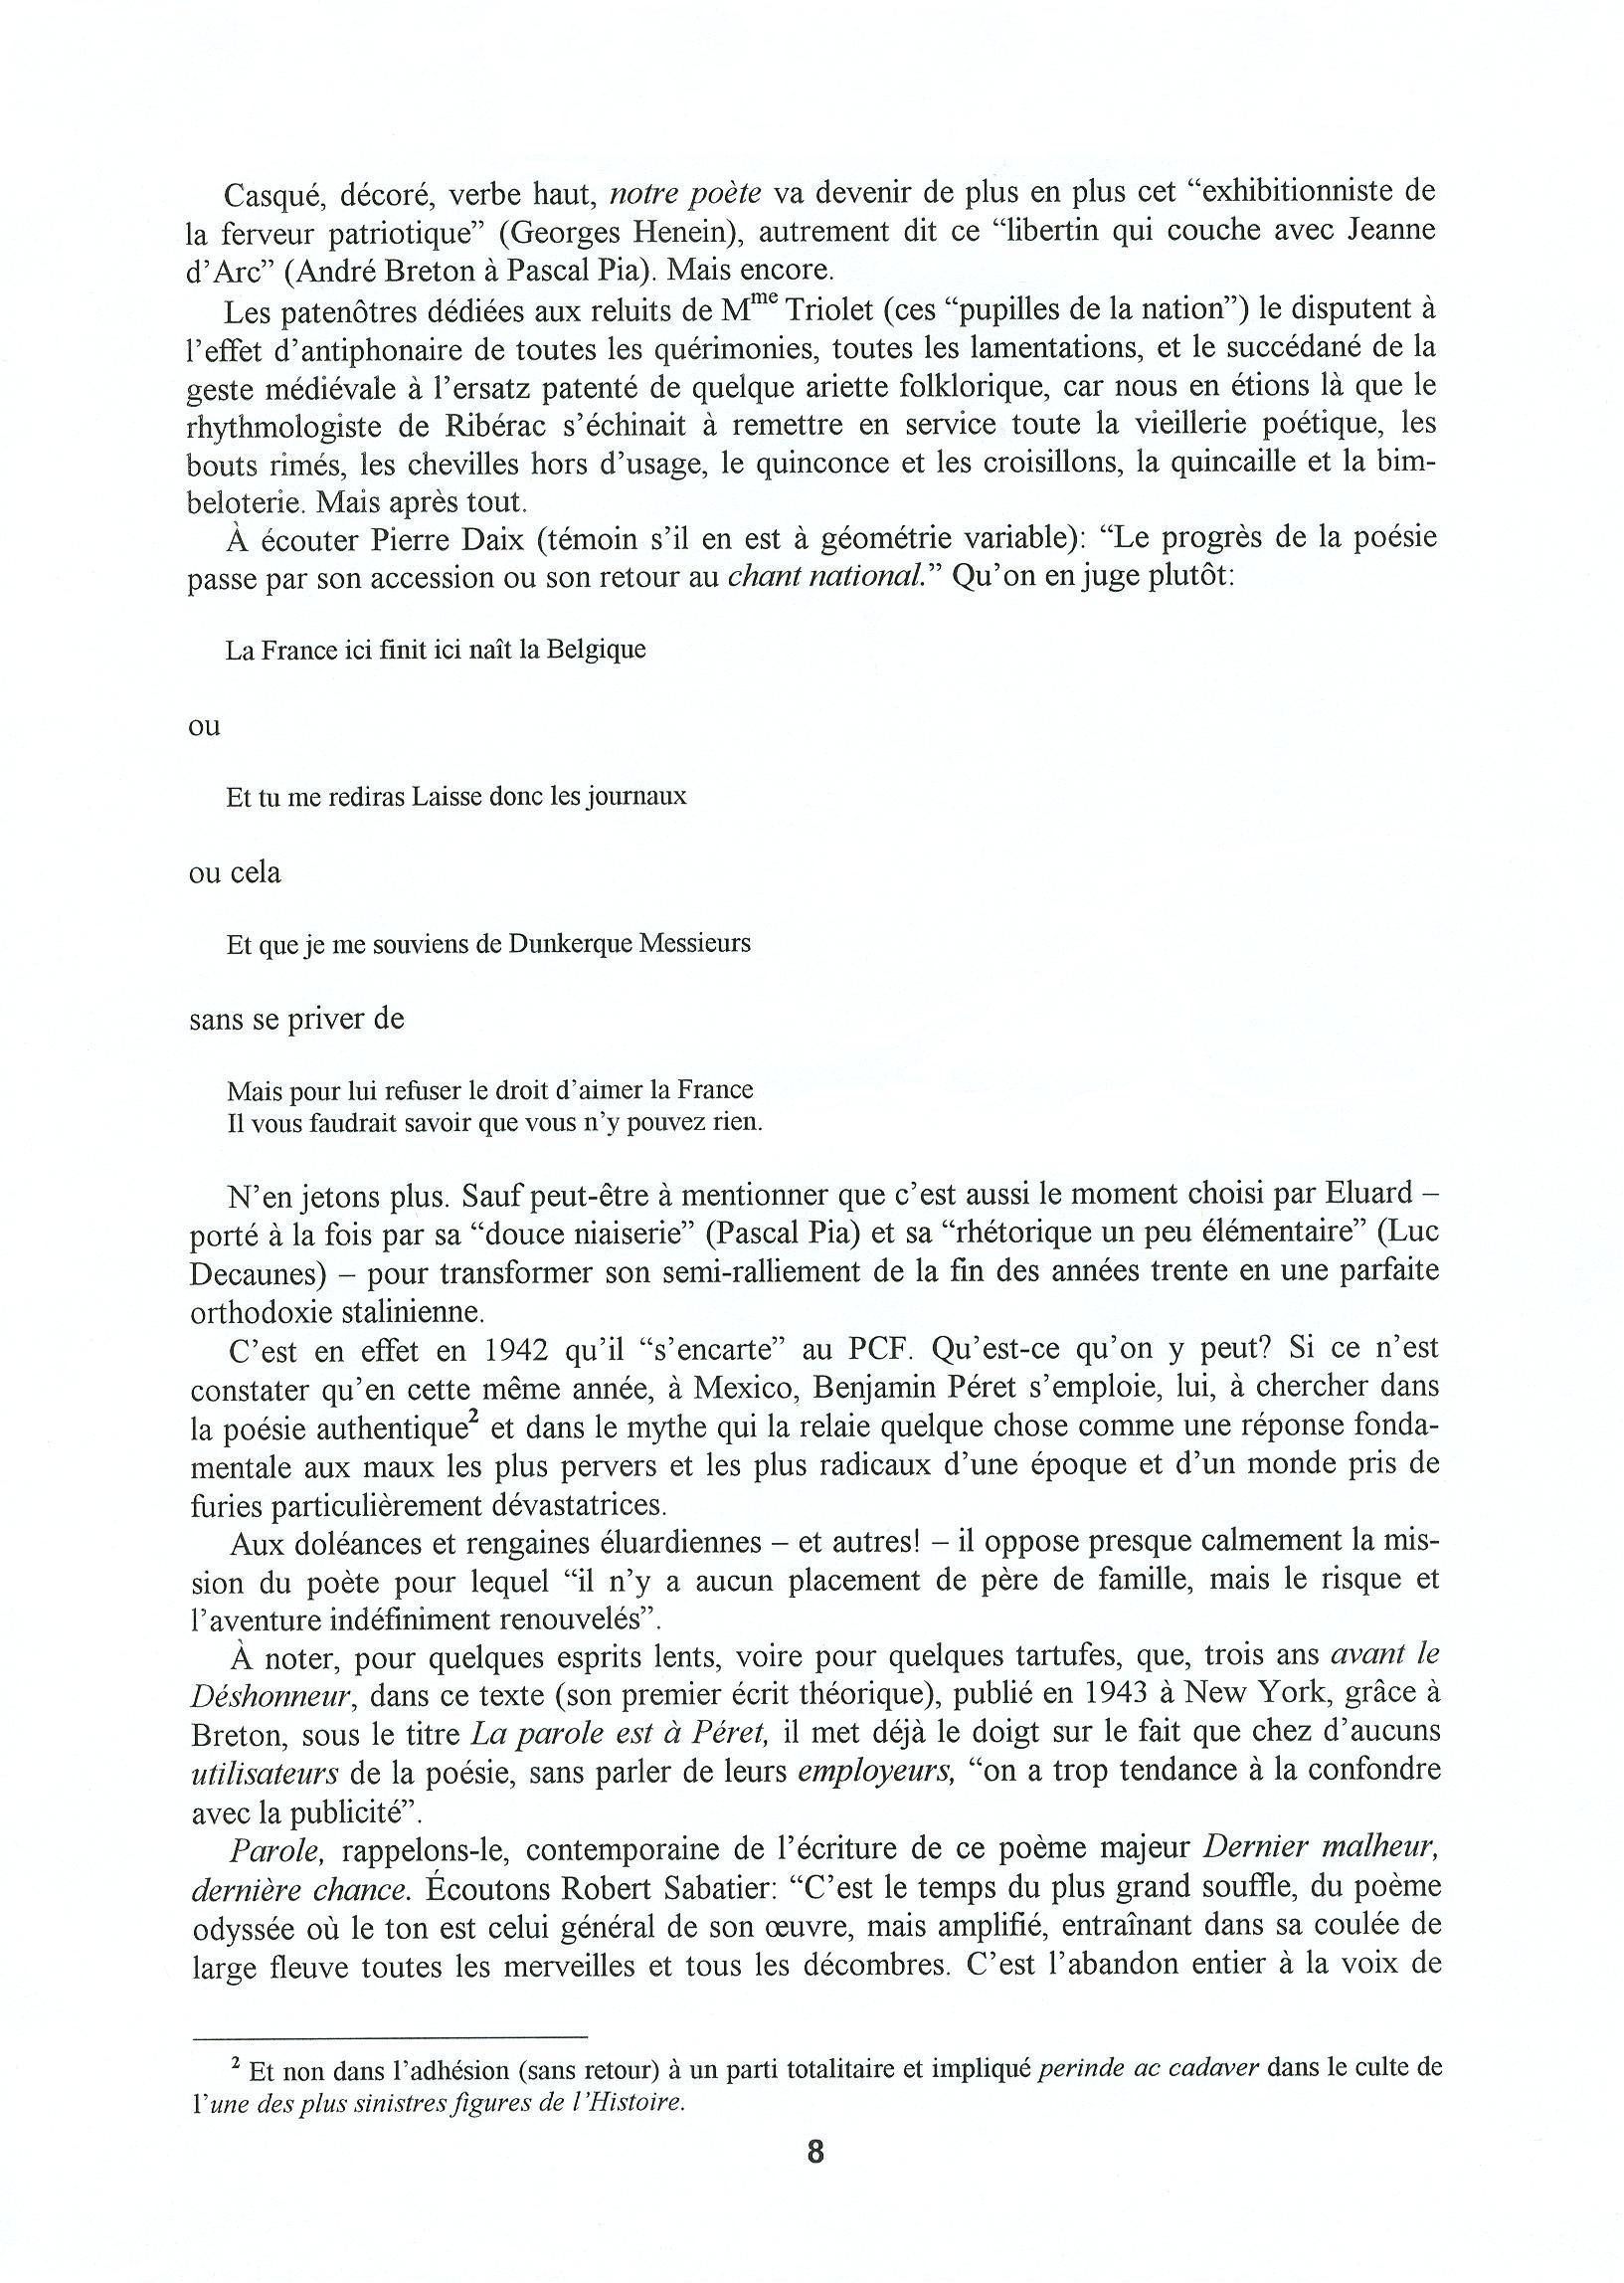 Quaderno n. 32 - pag. 9